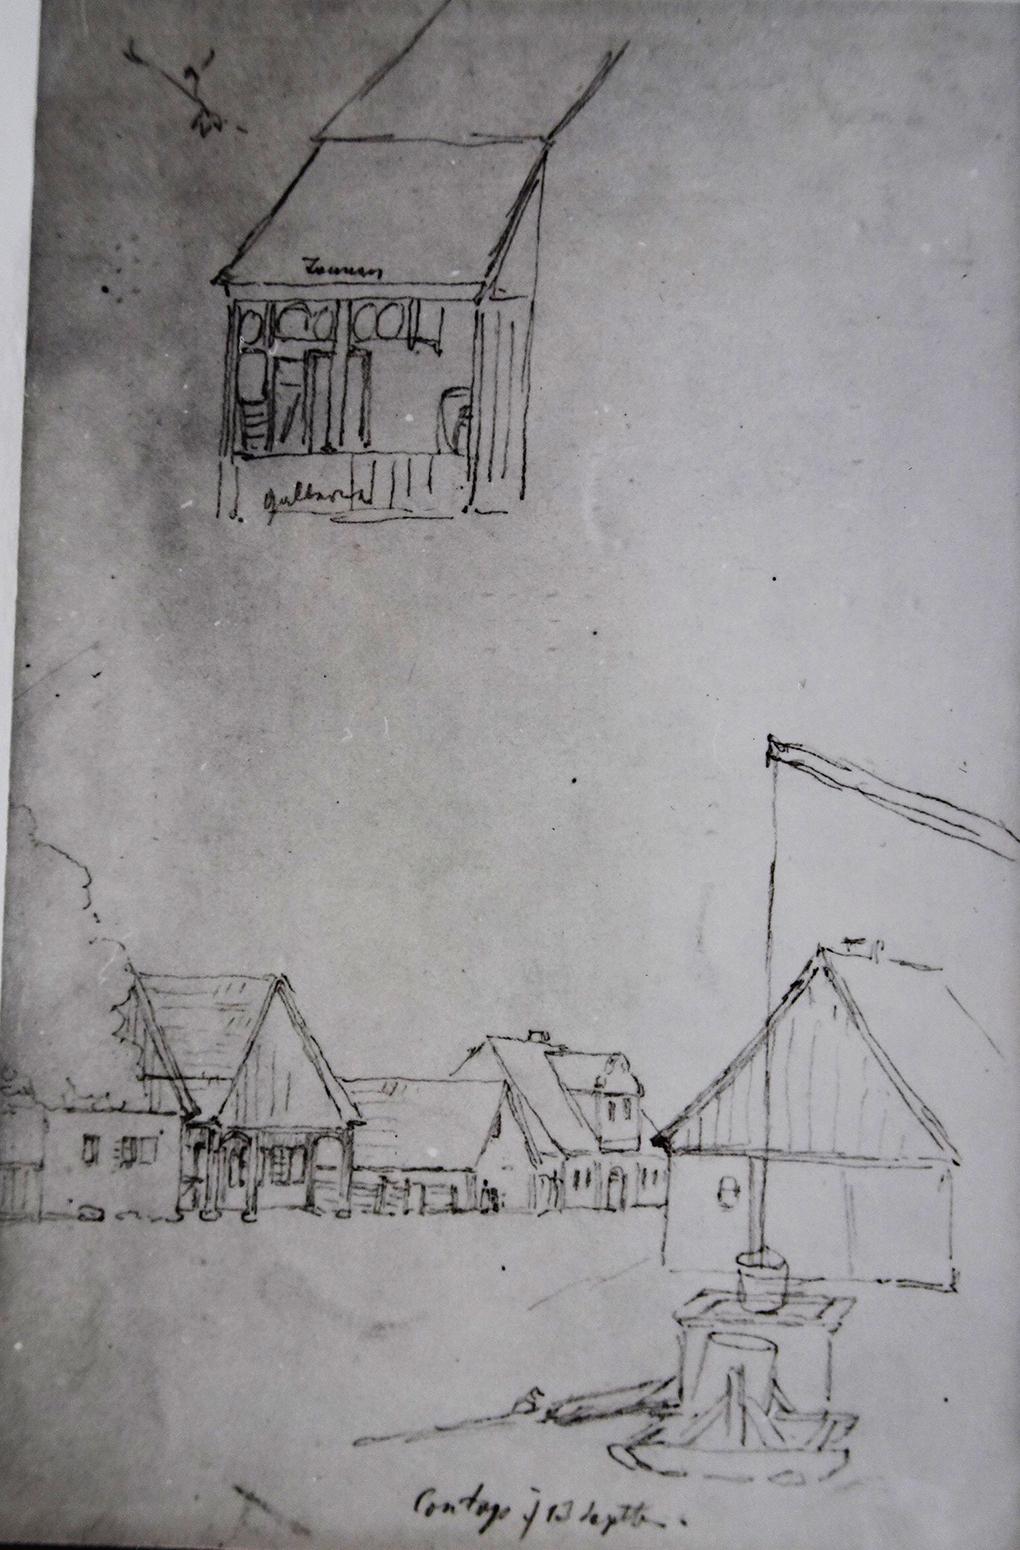 Ludwig Most, Widok Konotopu, 13.09.1835, ołówek, papier czerpany welinowy, Muzeum Narodowe w Szczecinie, Szkicownik nr VII, karta 18 verso